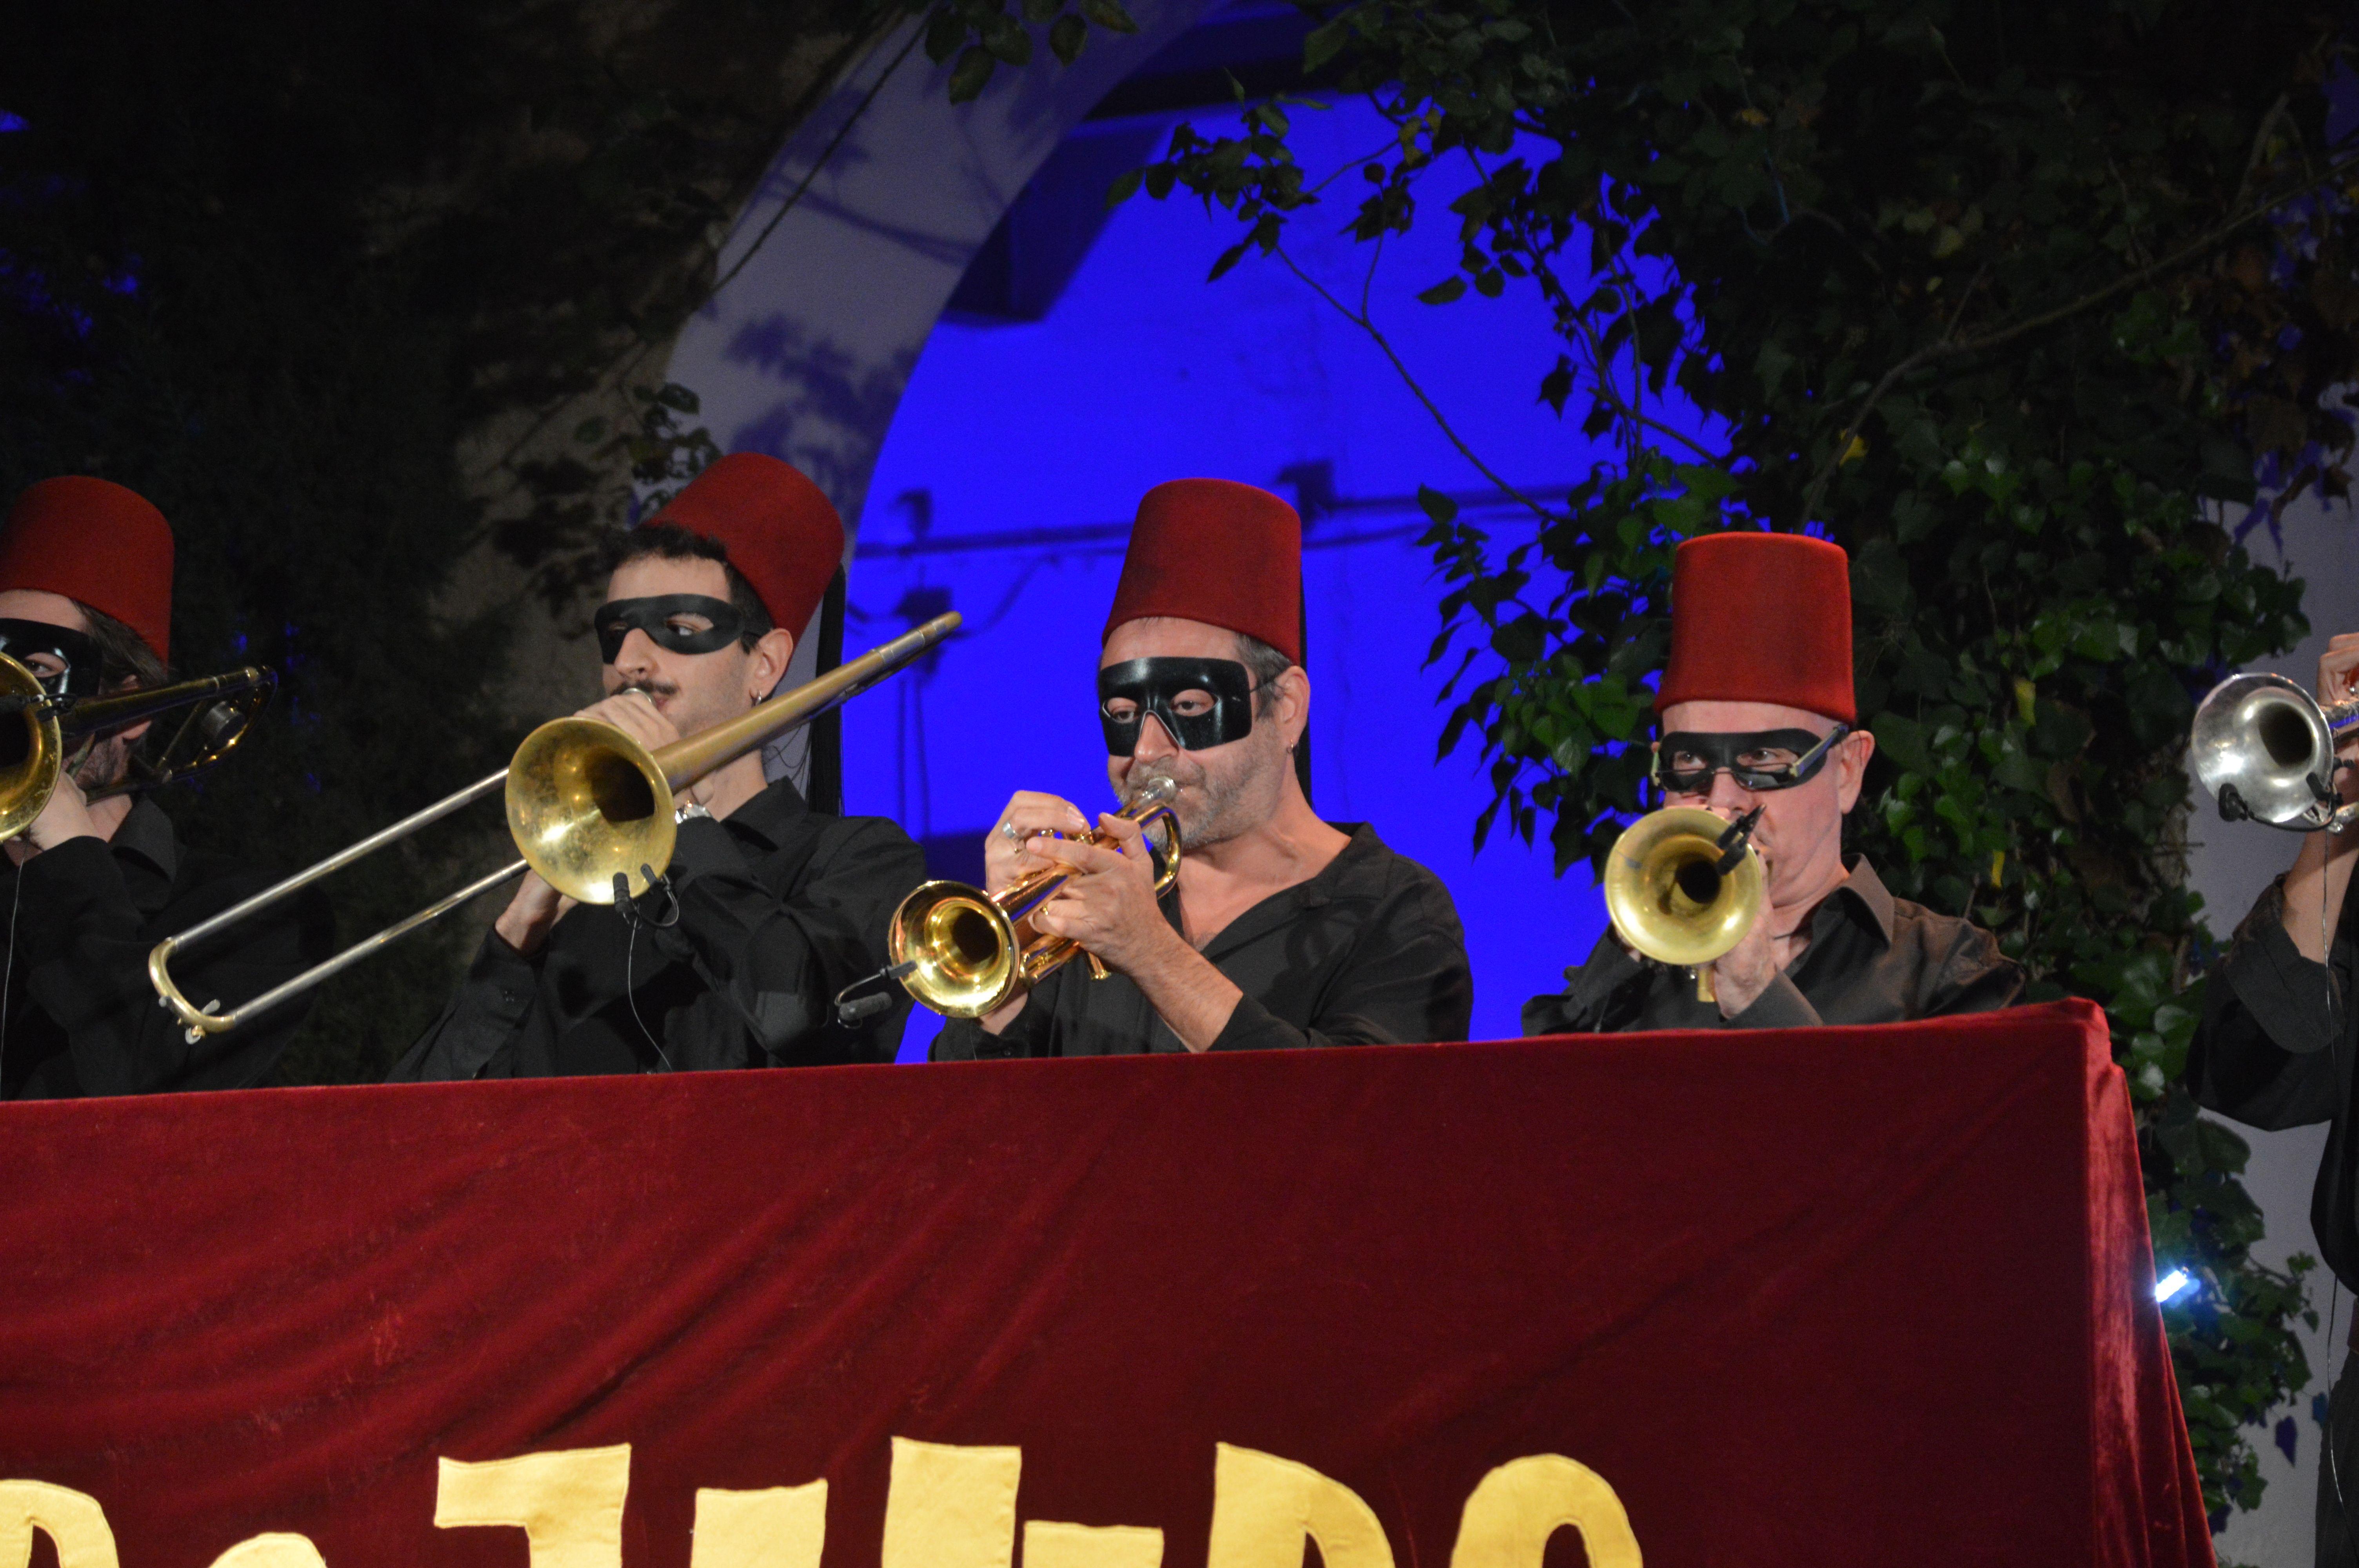 Concert de cloenda del festival diumenge a la nit amb Mambo Jambo Arkestra. FOTO, Nora Muñoz